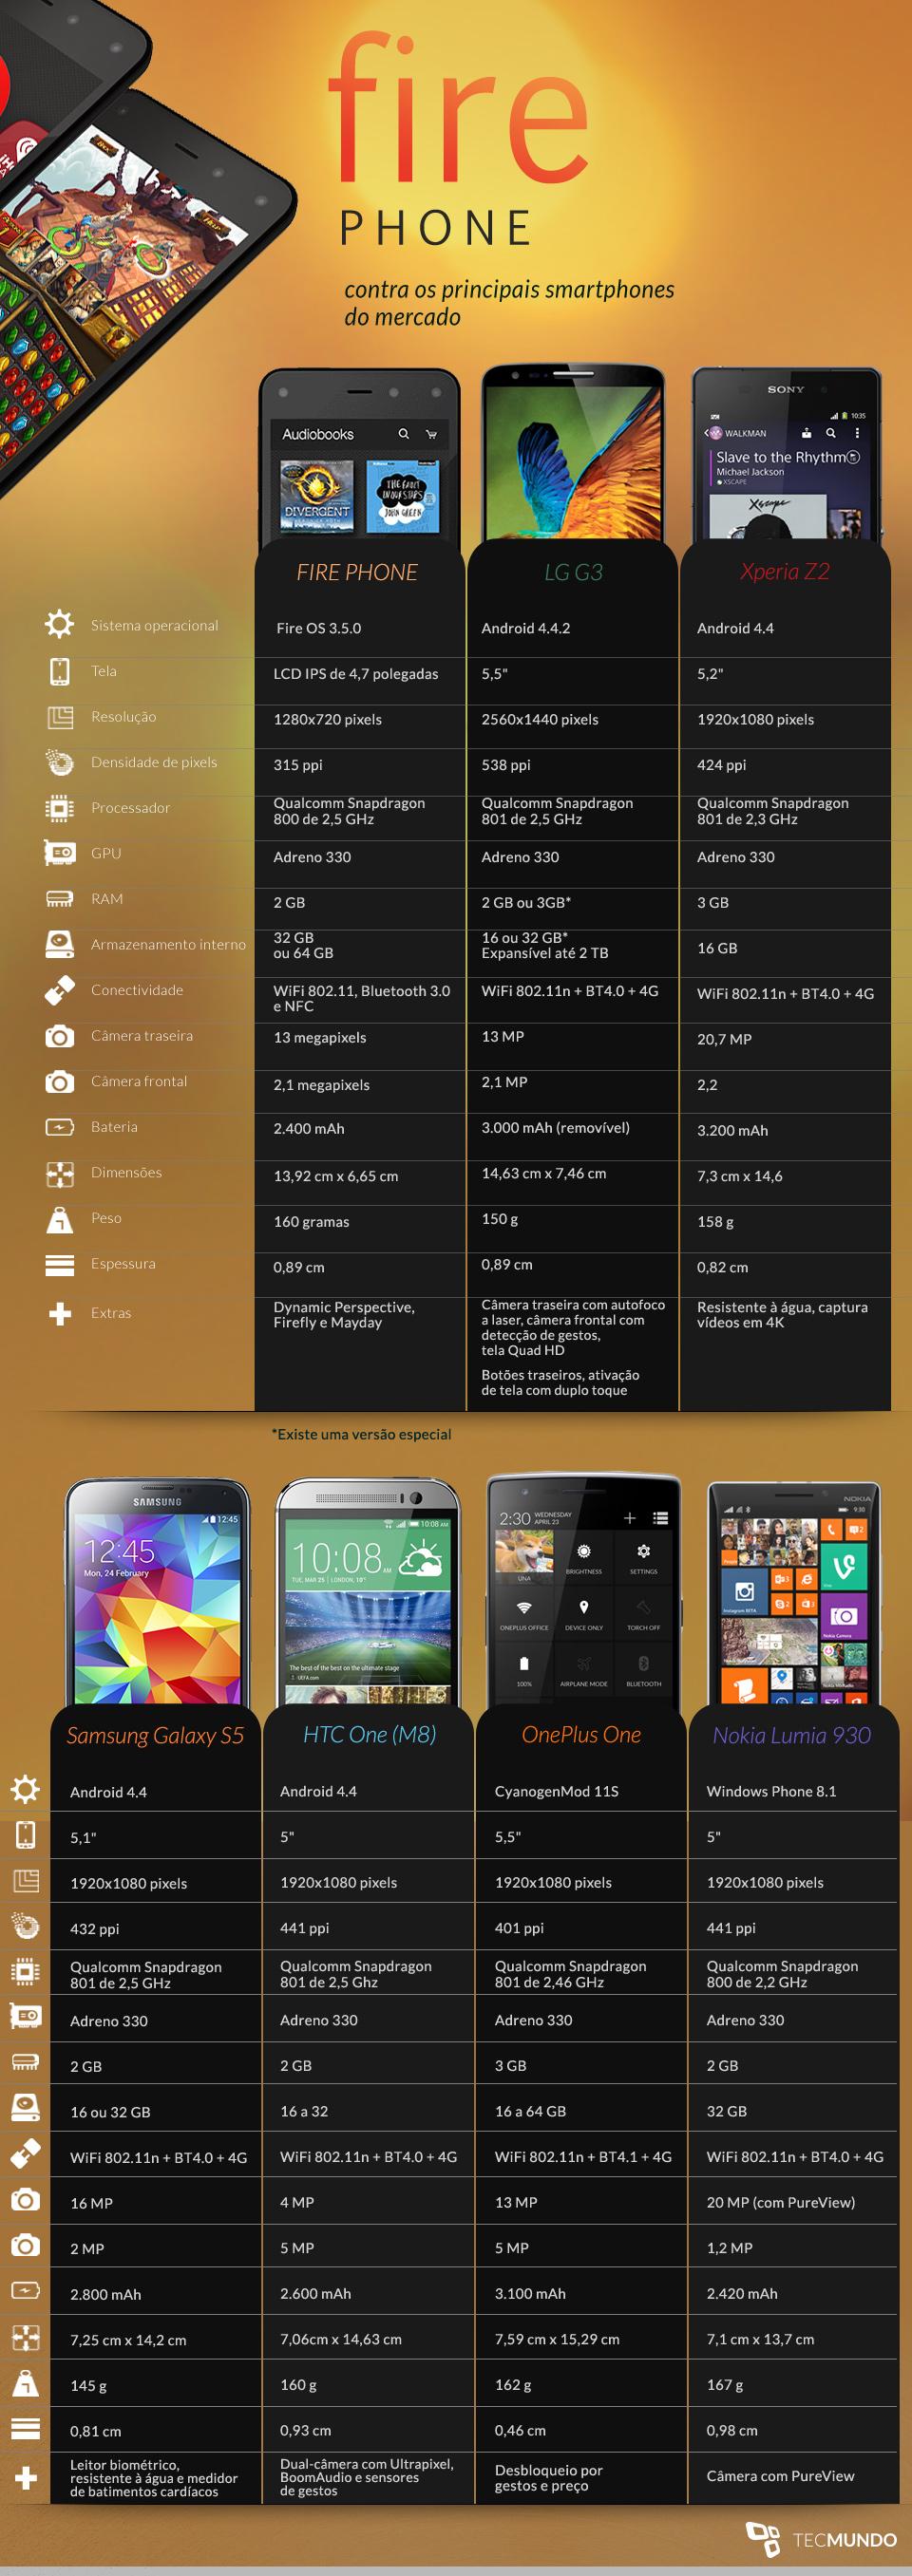 Comparação: Amazon Fire Phone contra os principais smartphones do mercado